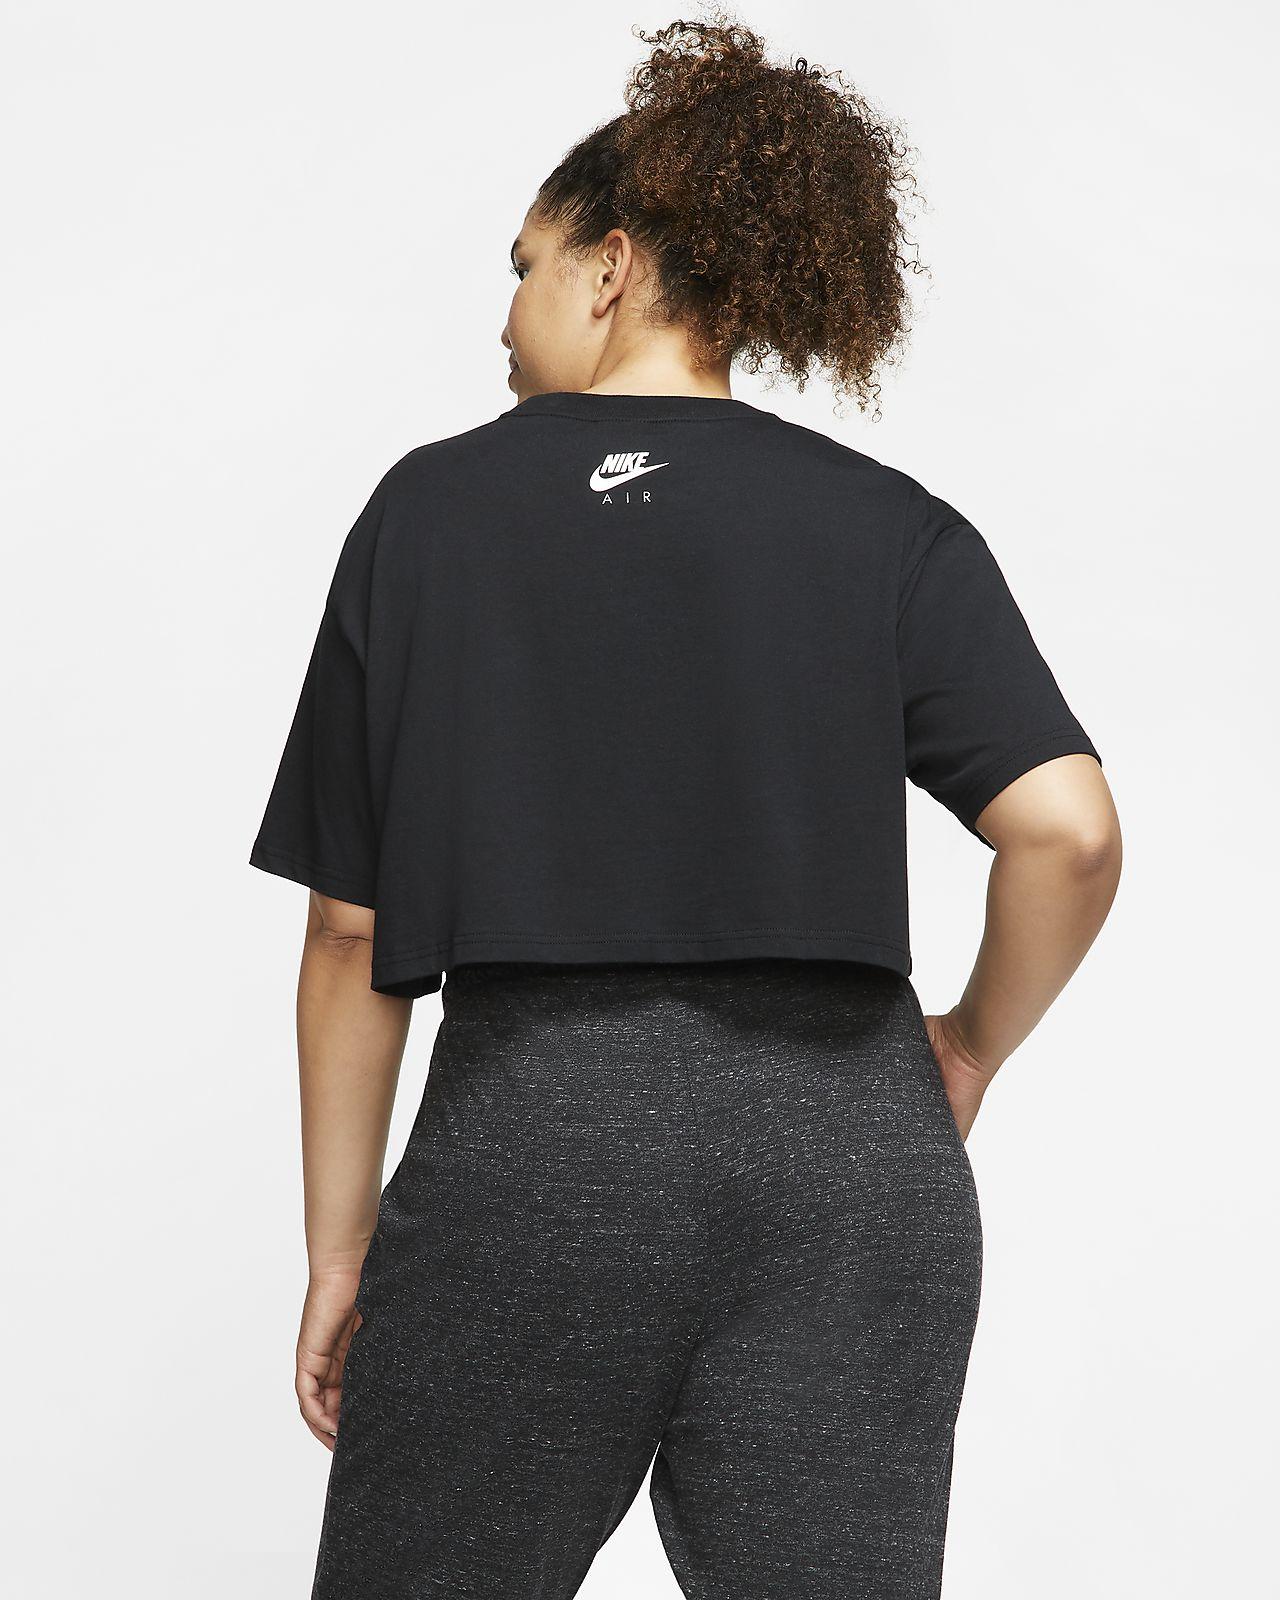 tee shirt nike air femme